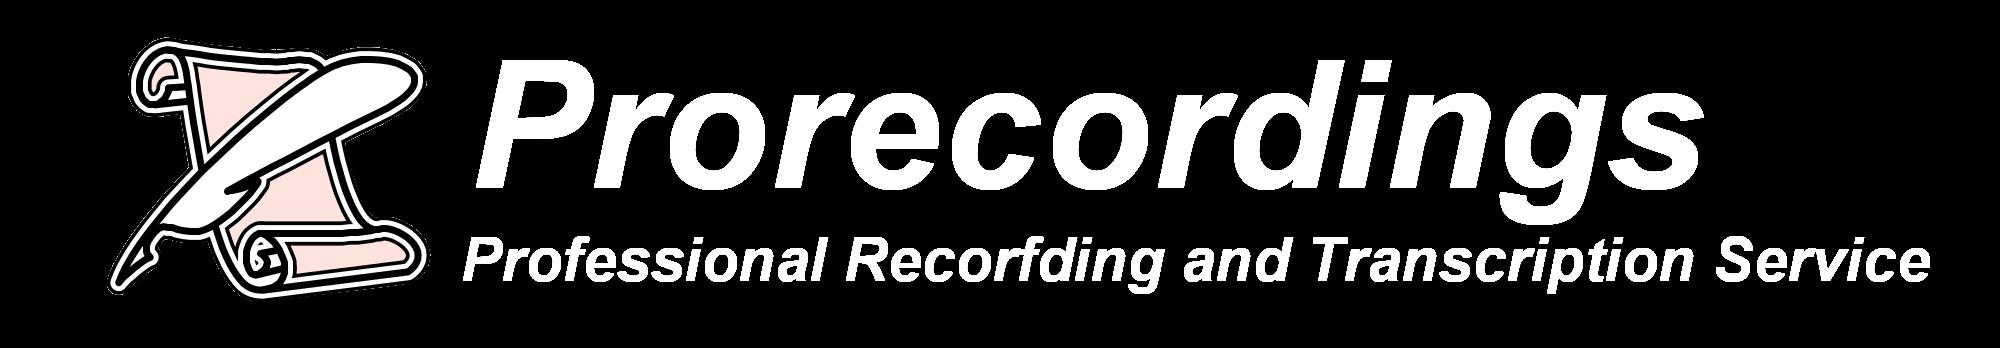 Prorecordings